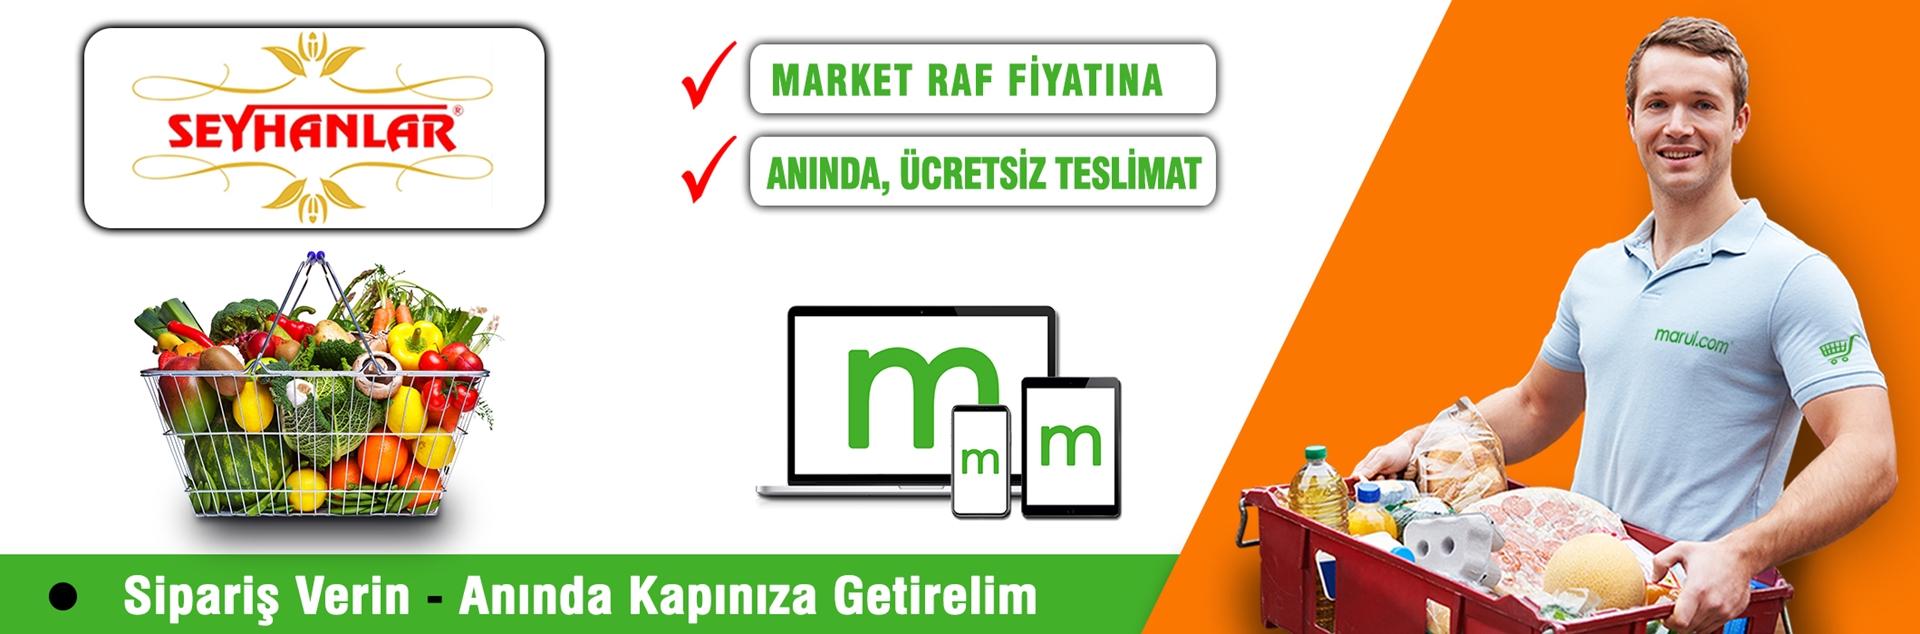 seyhanlar online süpermarket siparişi sultanbeyli şubesi